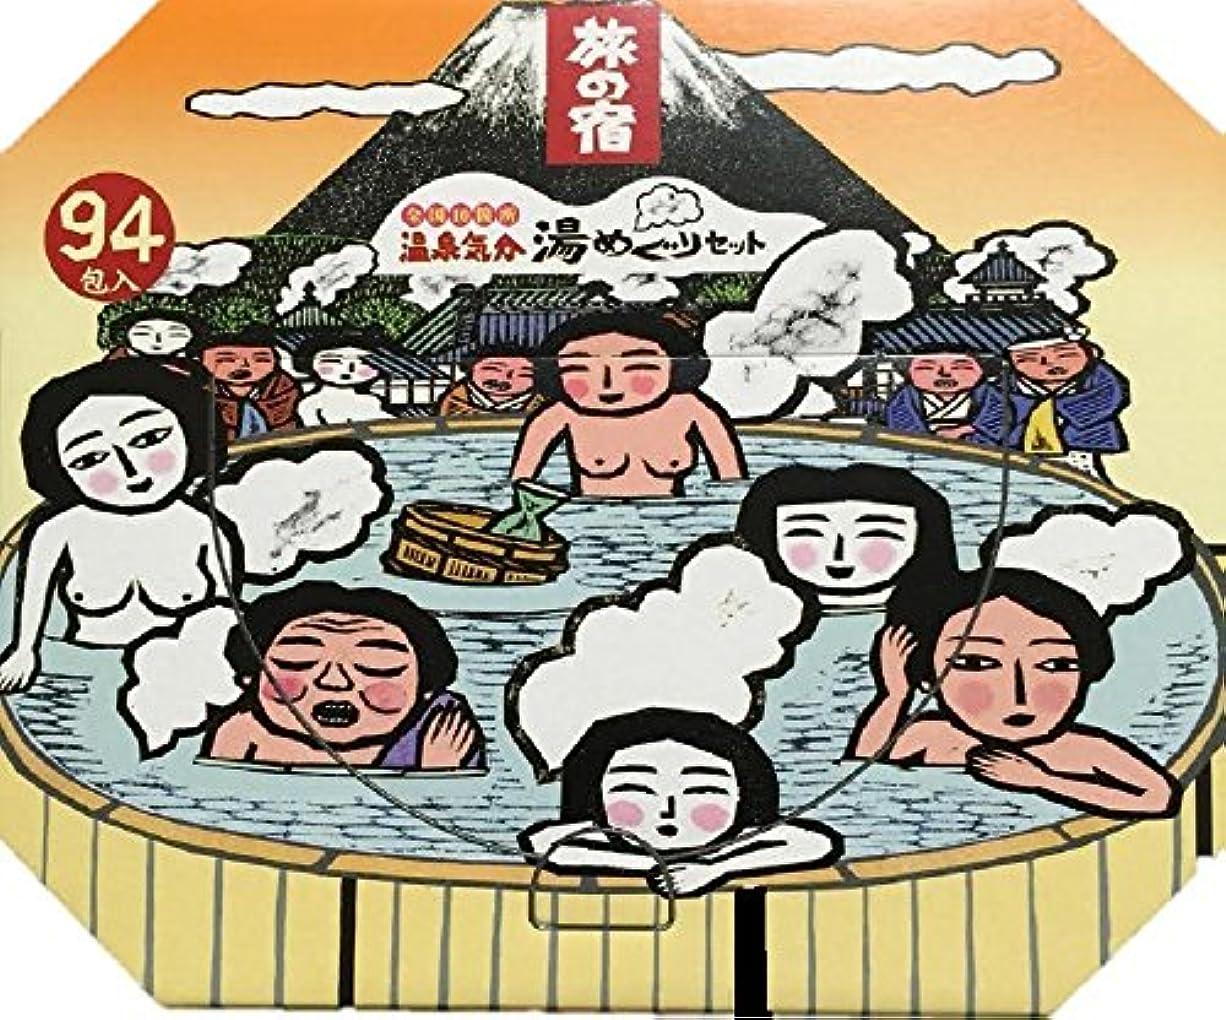 苛性落花生ベット旅の宿(薬用入浴剤) 全国10箇所温泉気分 湯めぐりセット94包入